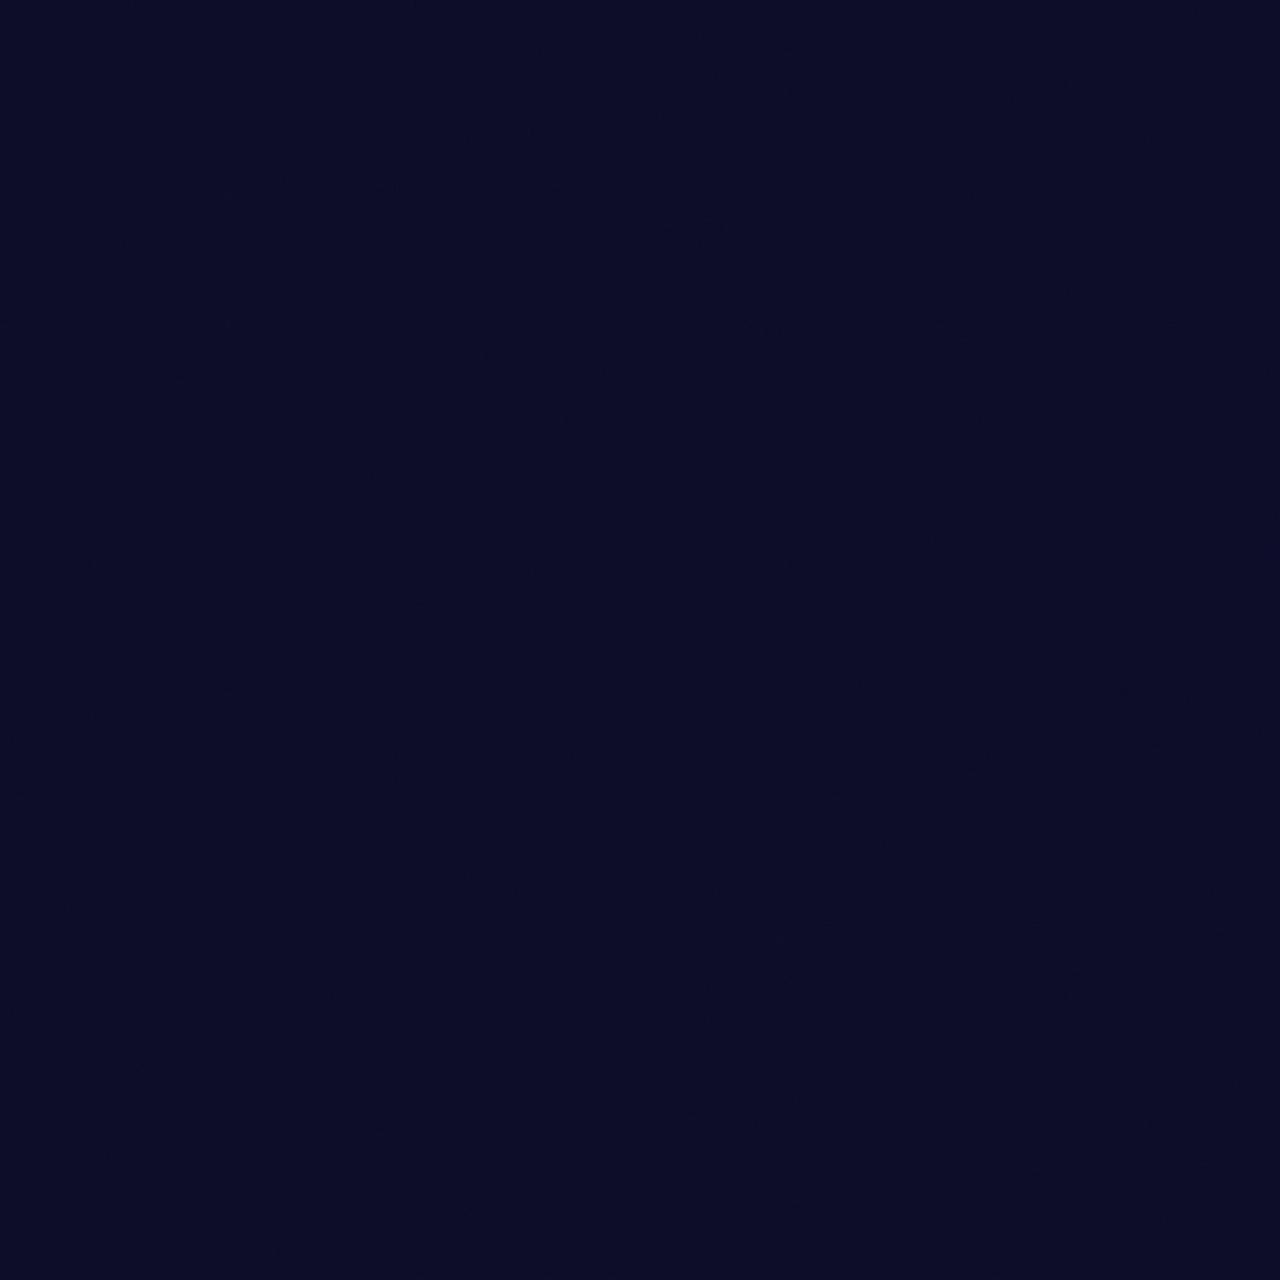 Глянцевые натяжные потолки  Китай  синий L 160